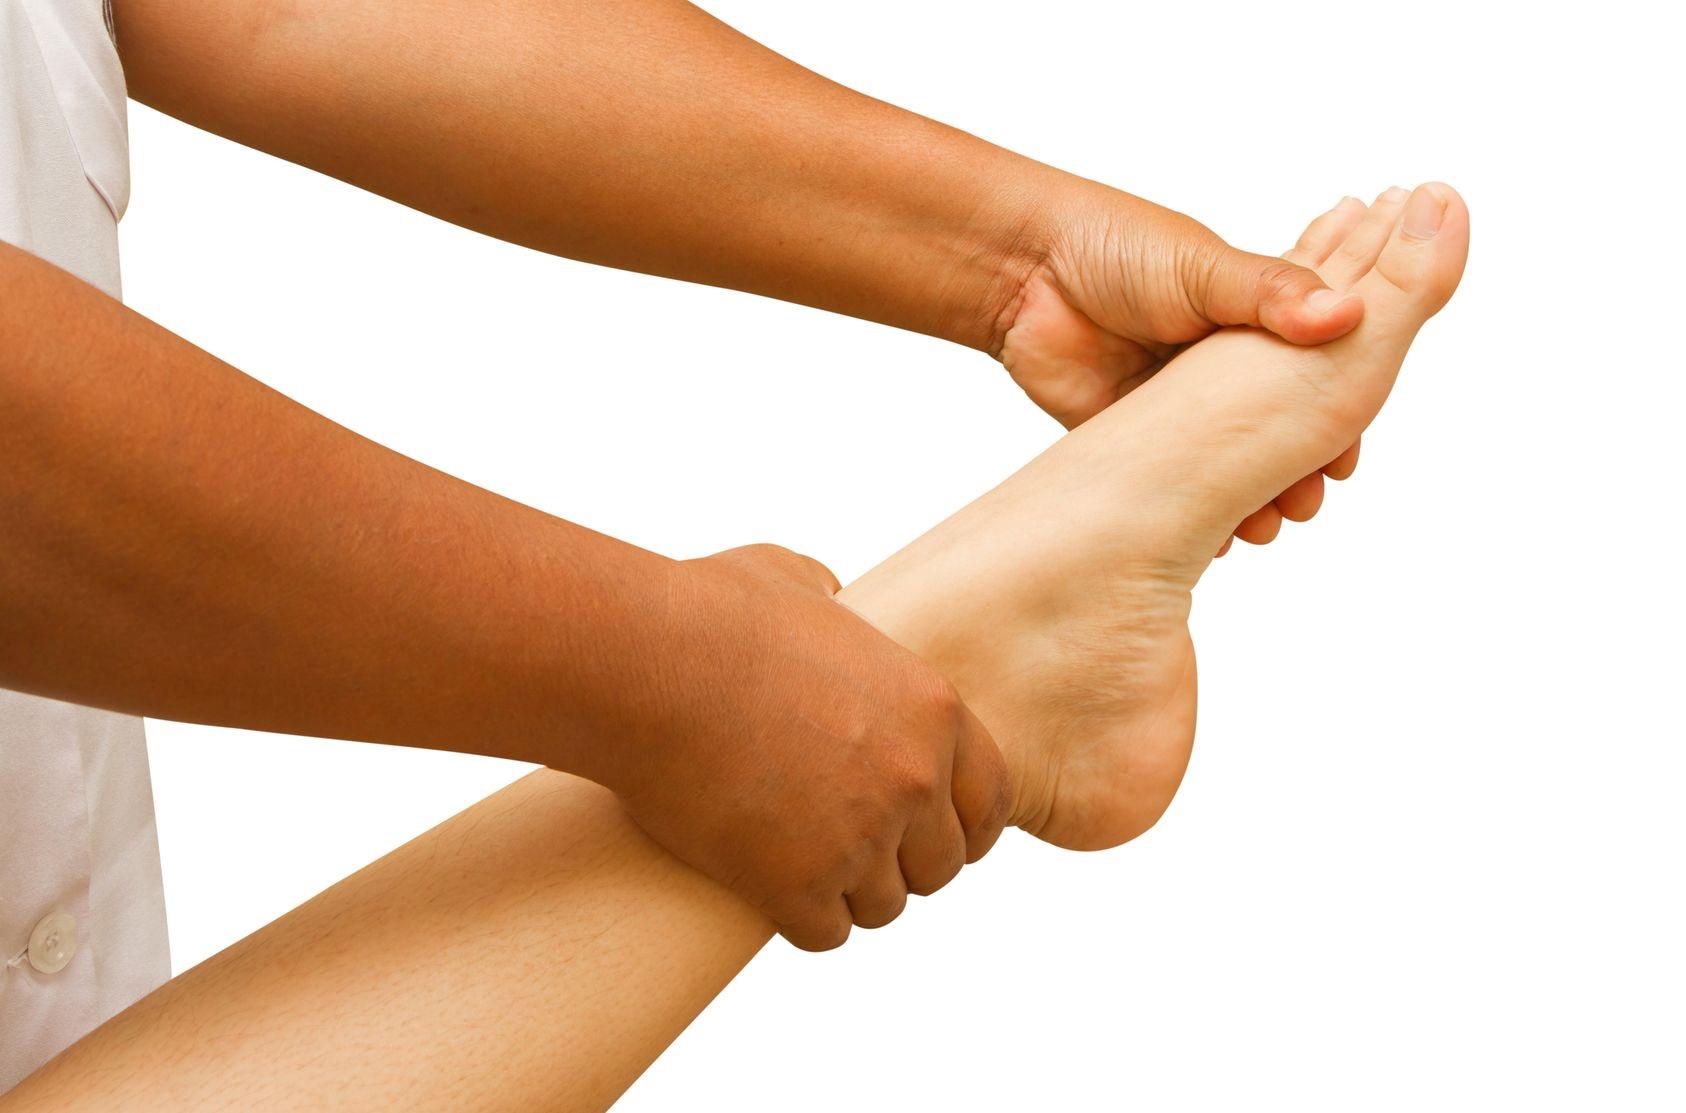 15372661_L_Foot Stretches_Massage_Hands_Legs_Feet_Pain.jpg